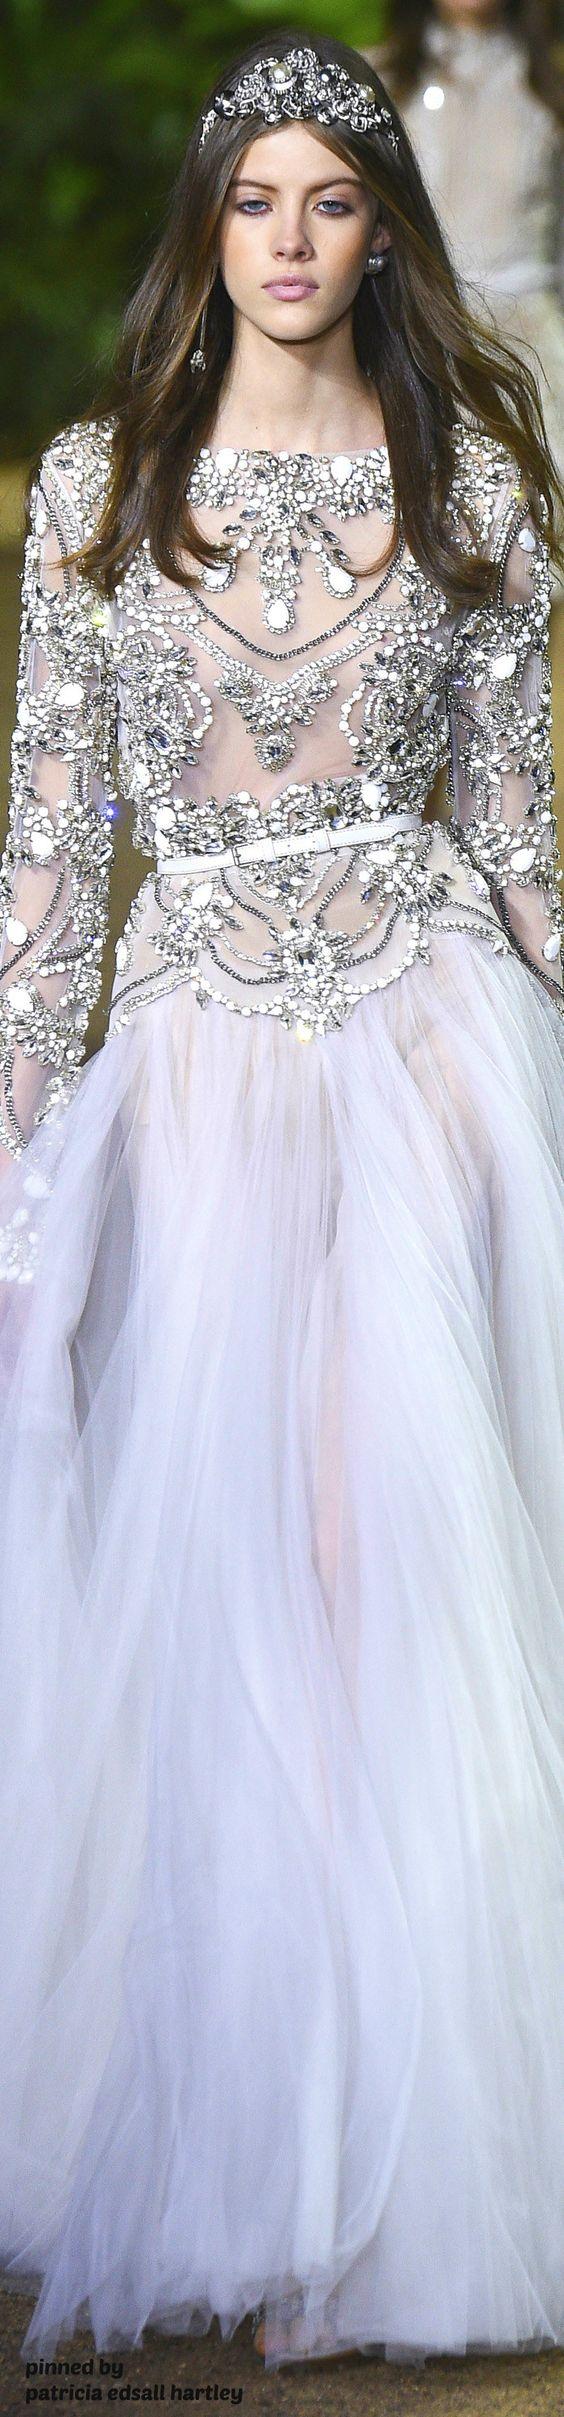 sugestoes-de-vestidos-de-noiva-coloridos